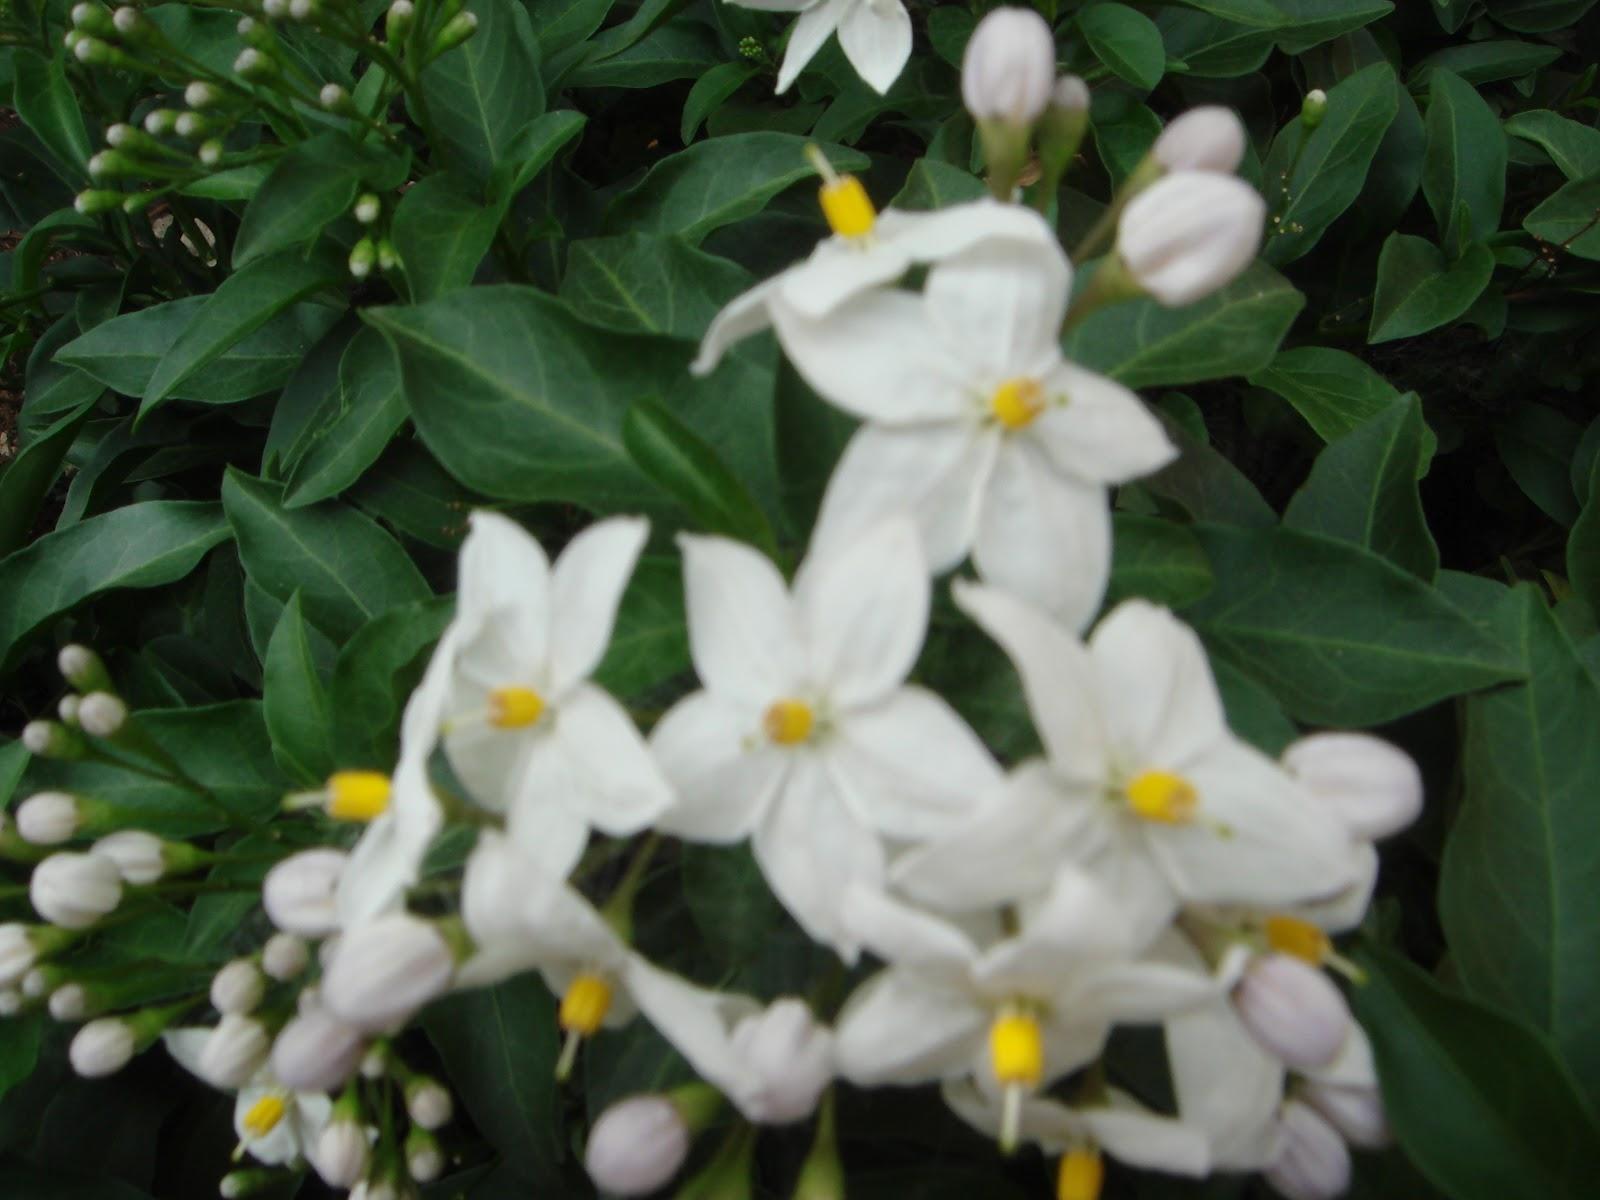 Il giardino delle naiadi solanum la pianta dai mille volti for Pianta solanum